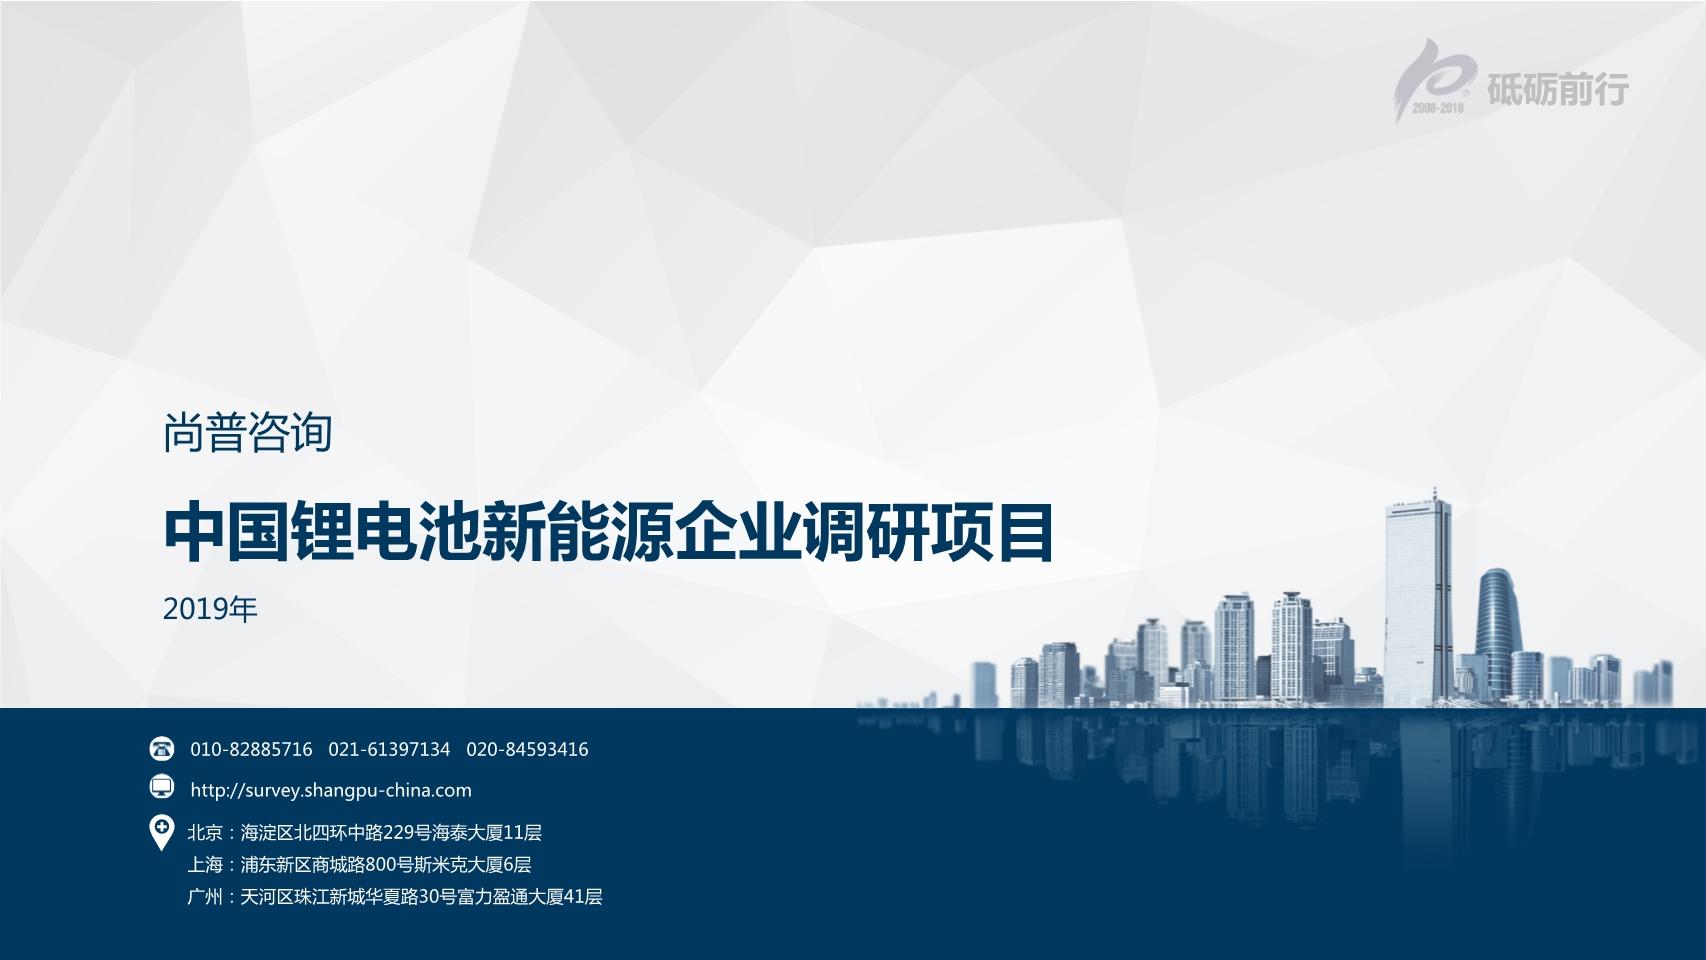 中国锂电池新能源企业调研